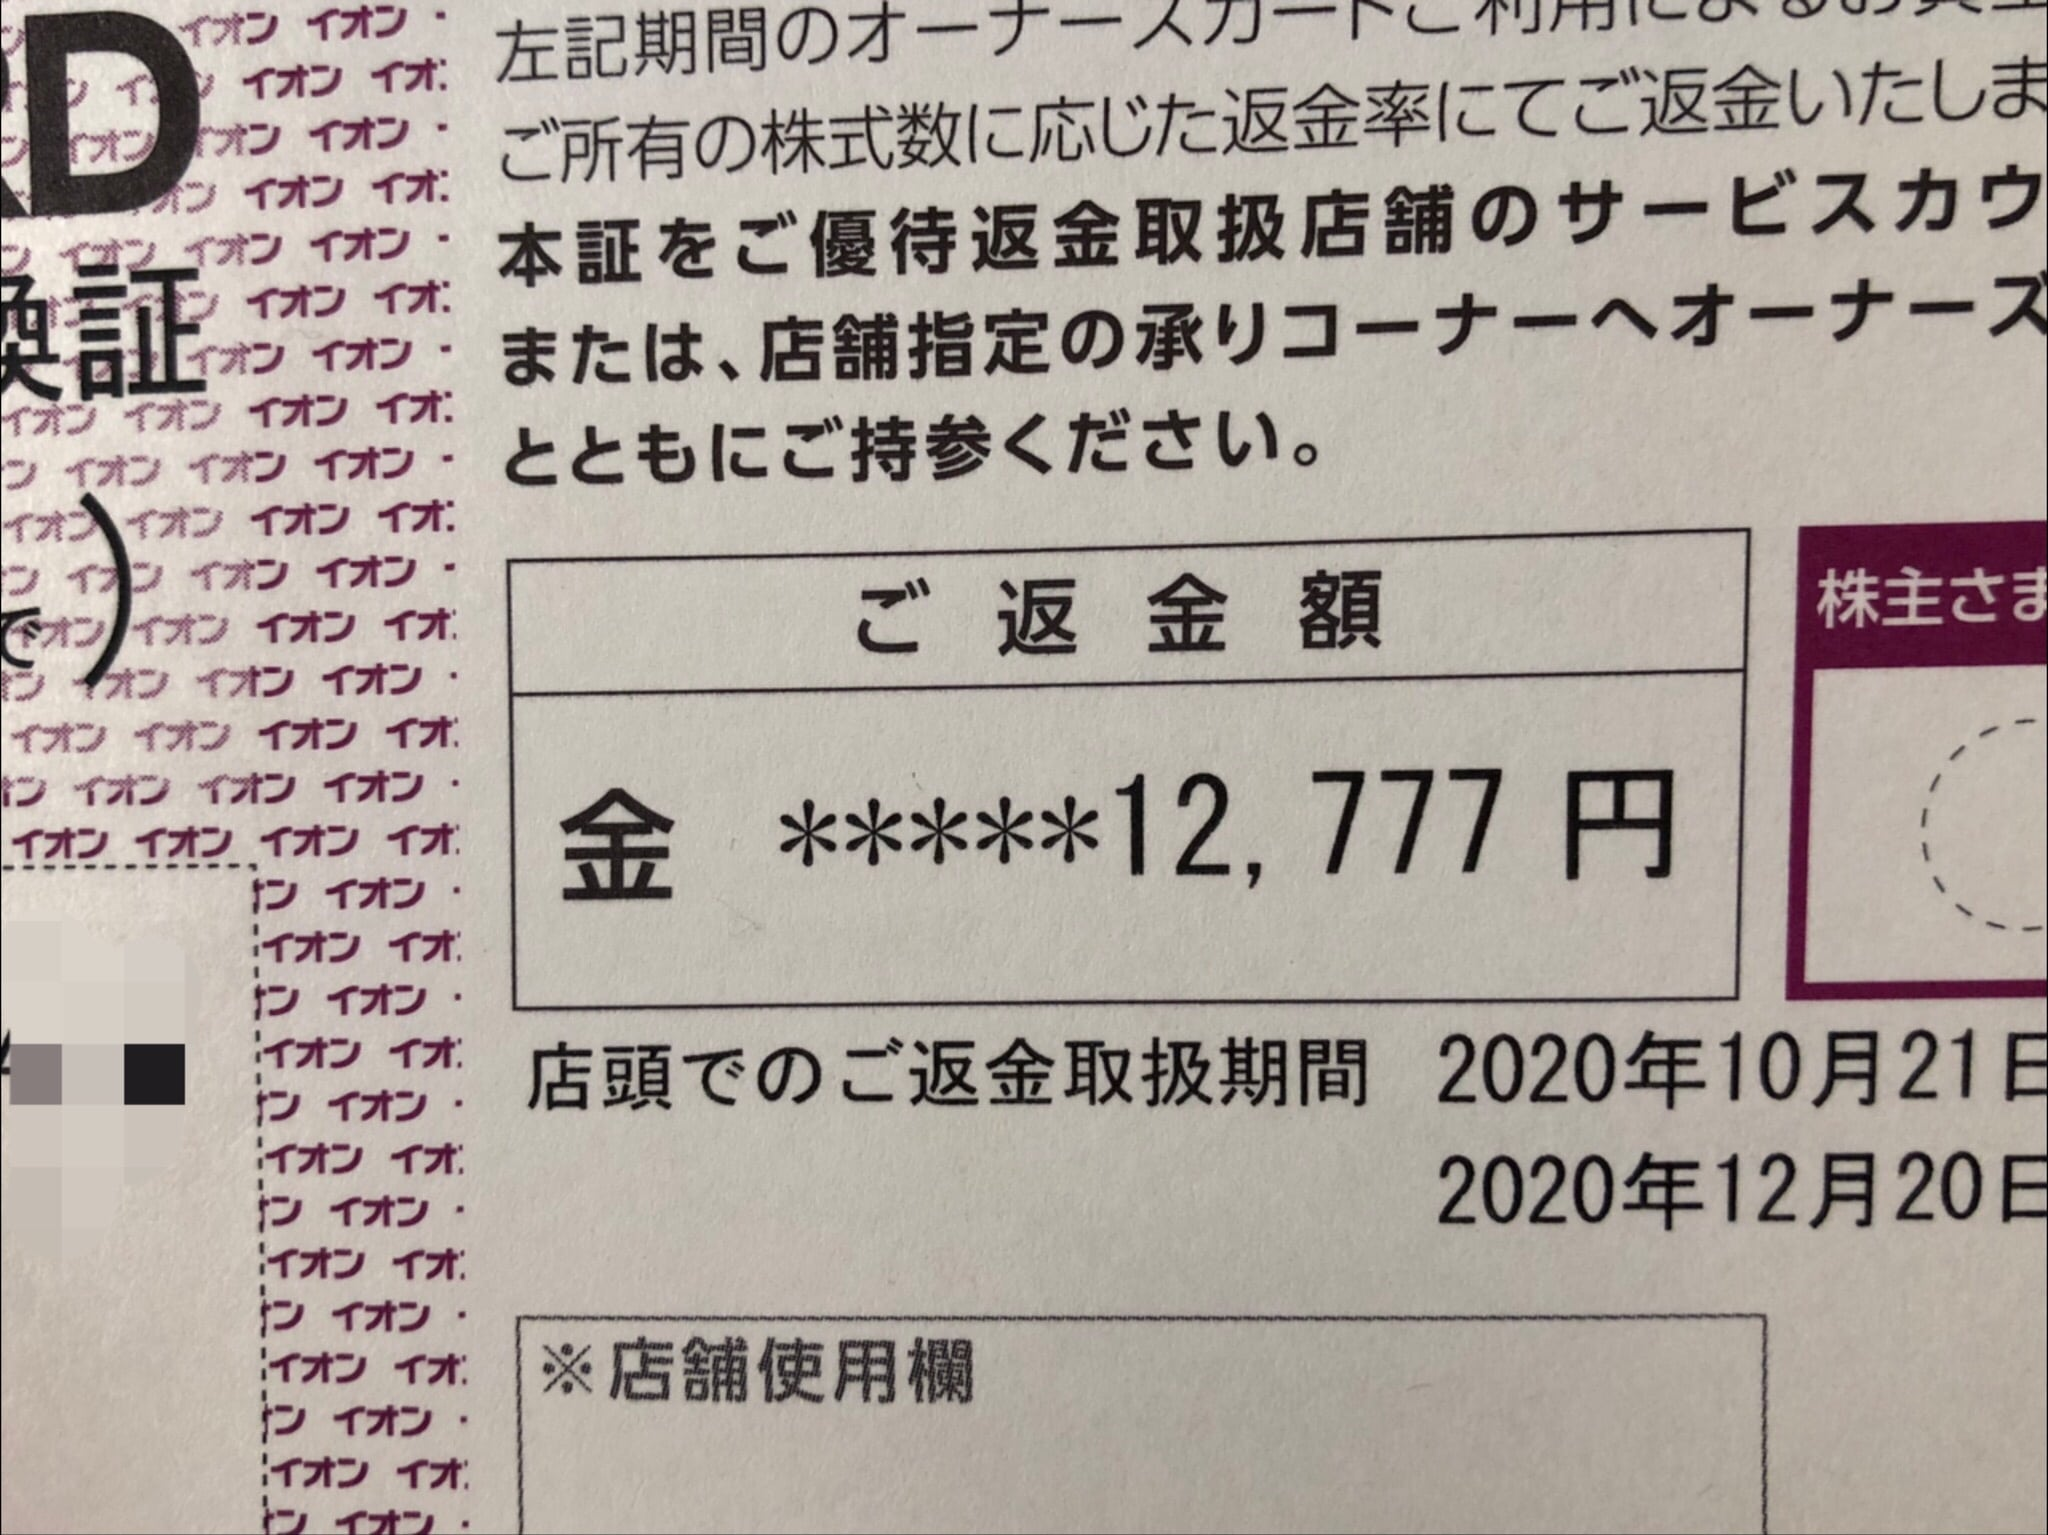 イオン株主優待のお知らせ写真